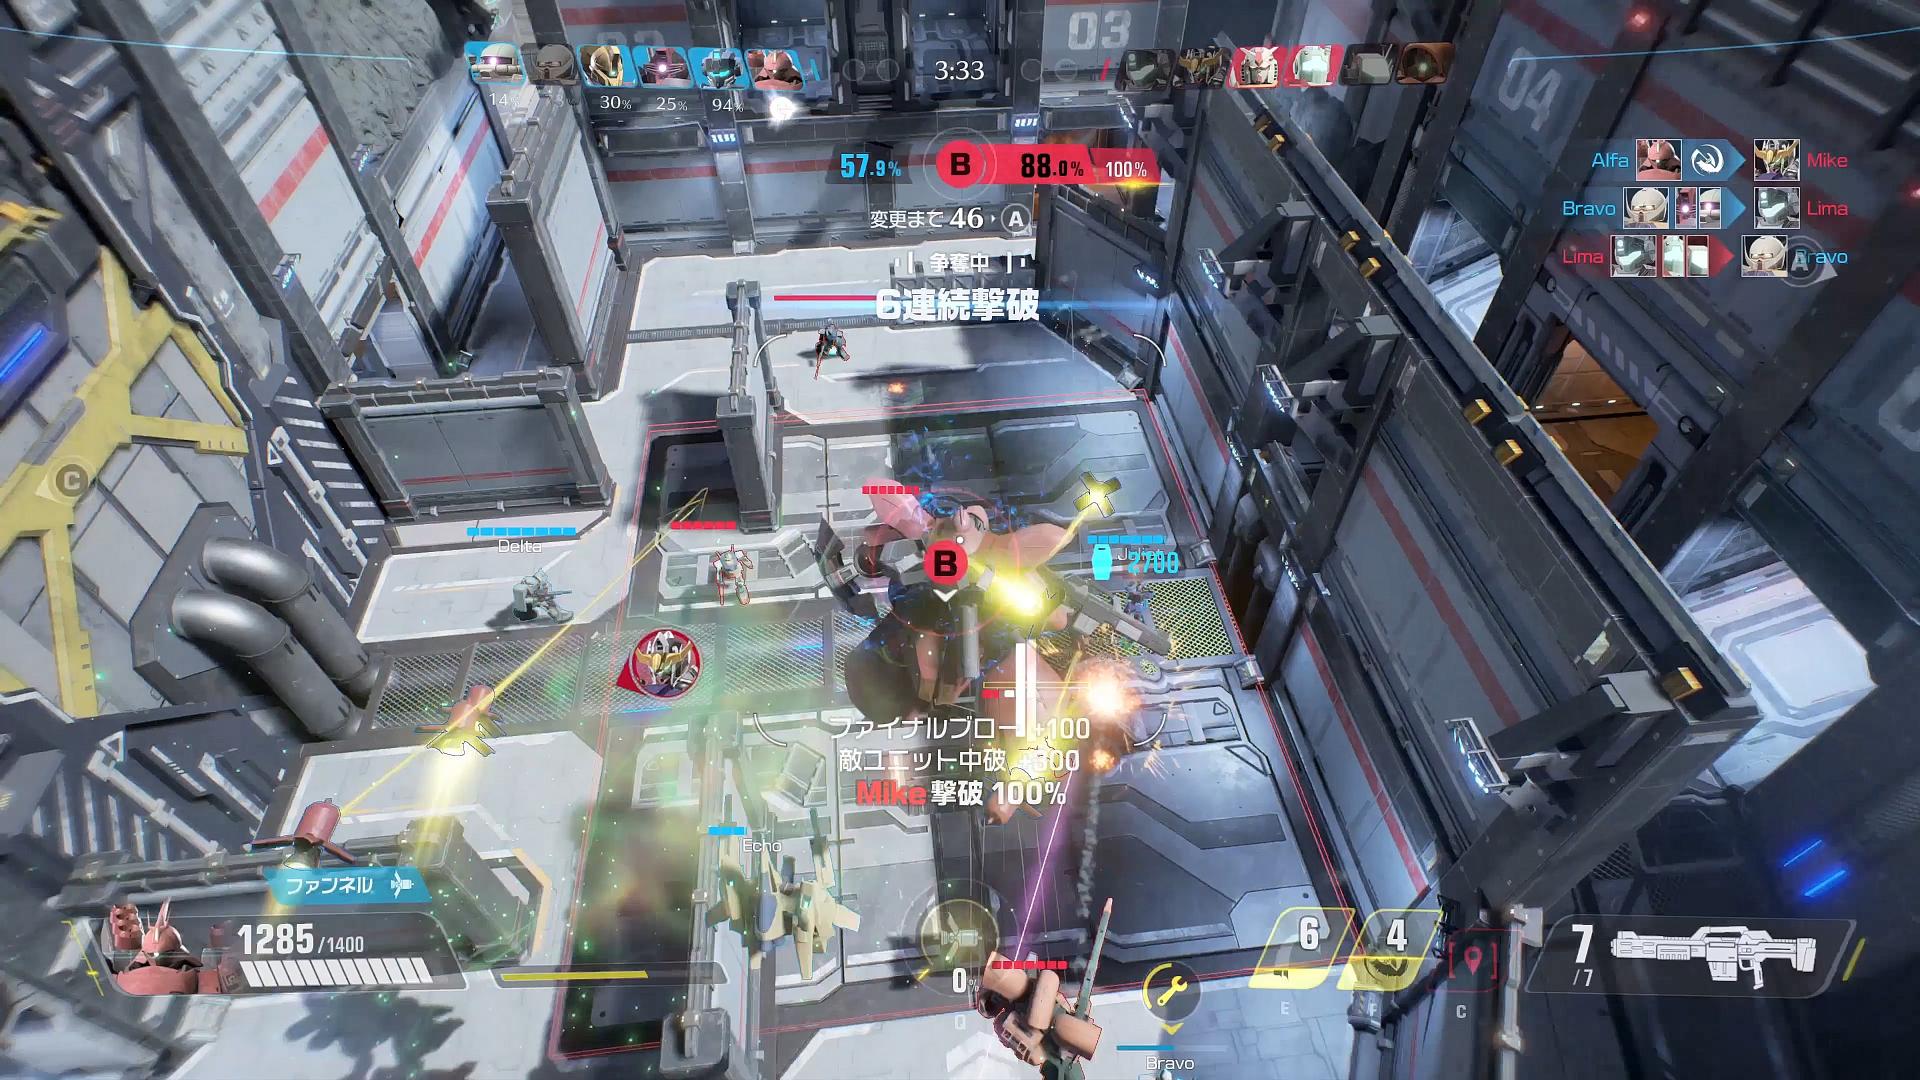 起動したファンネルは付近の敵にオールレンジ攻撃を仕掛ける。その間サザビー自身もビーム・ショット・ライフルなどで攻撃できるため波状攻撃が可能